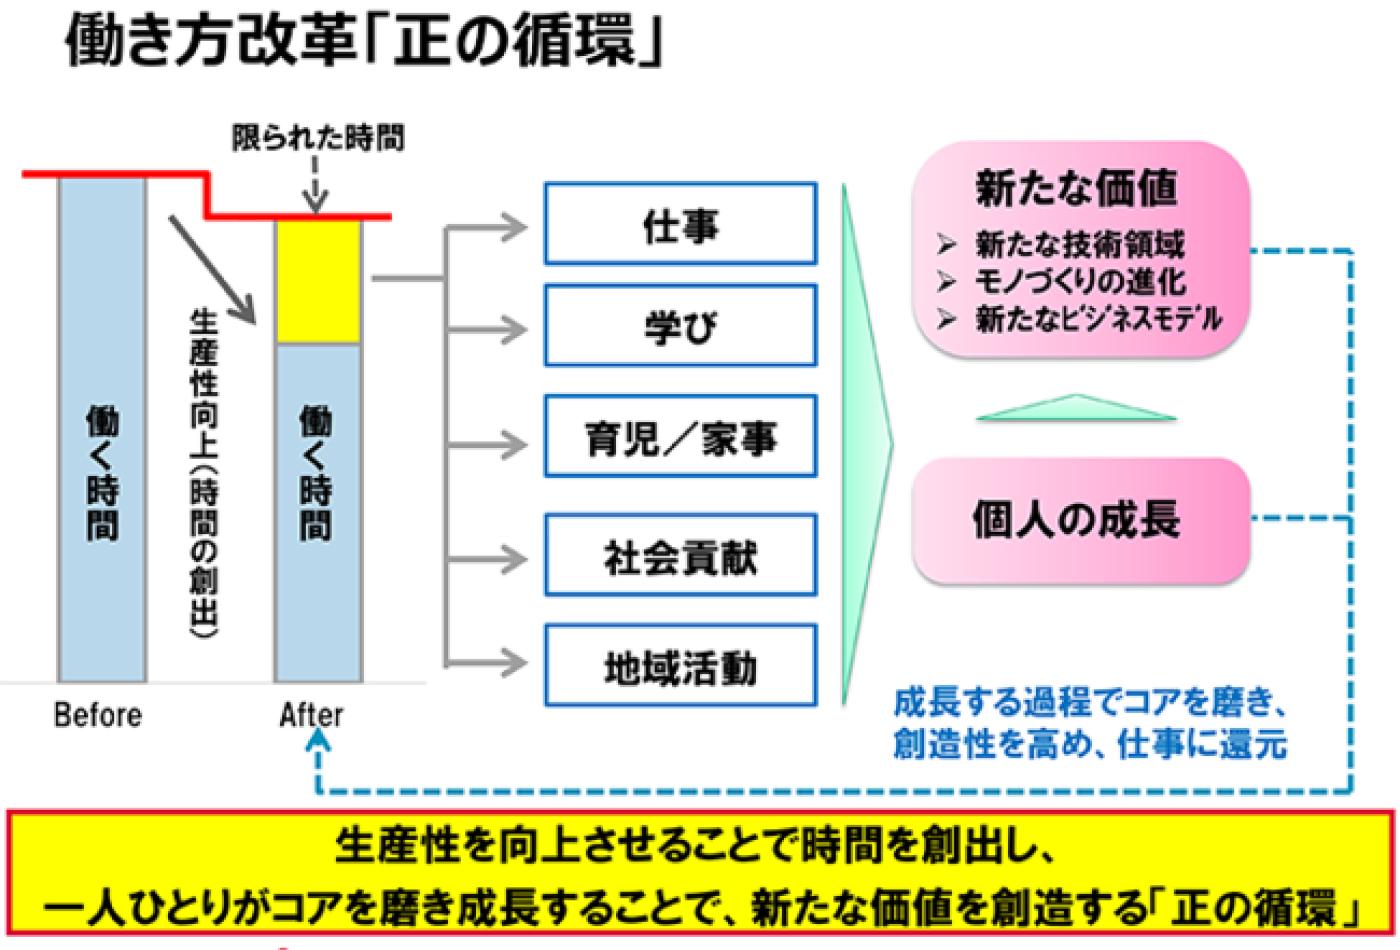 働き方改革「正の循環」